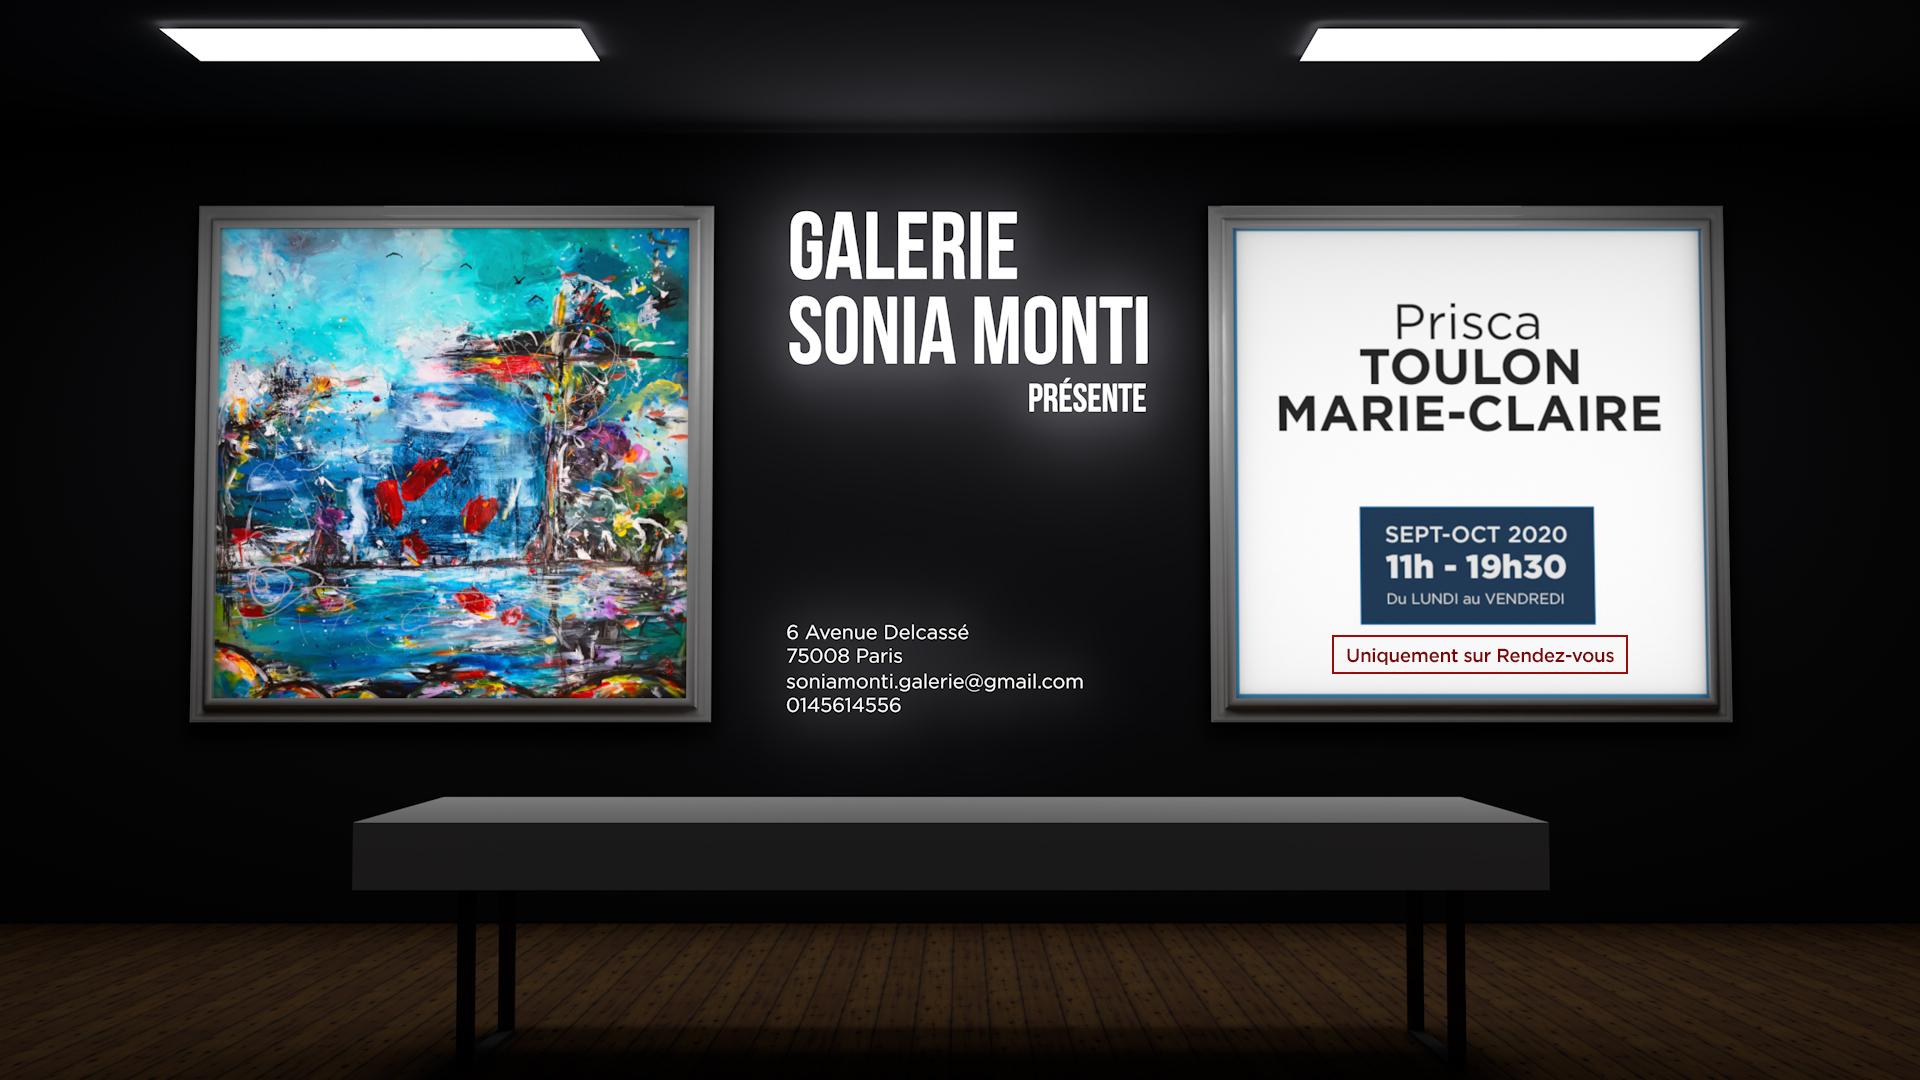 Exposition Galerie Sonia Monti sept-oct